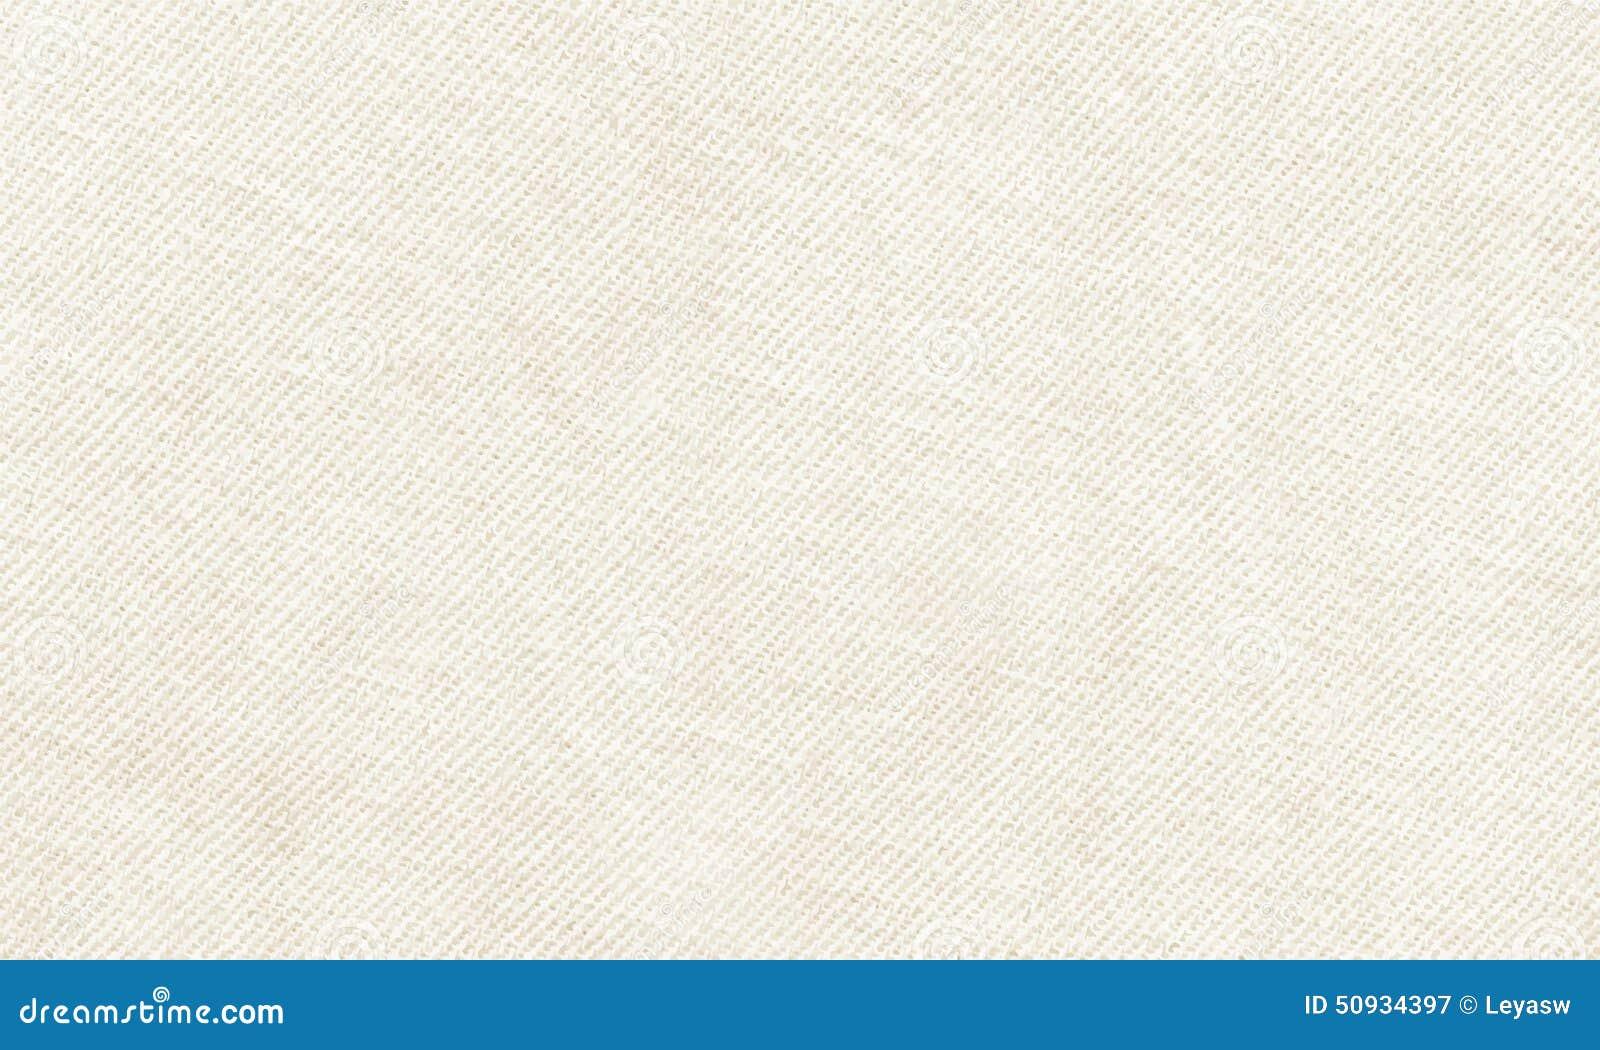 Горизонтальный белый материал холста, который нужно использовать как предпосылка или текстура